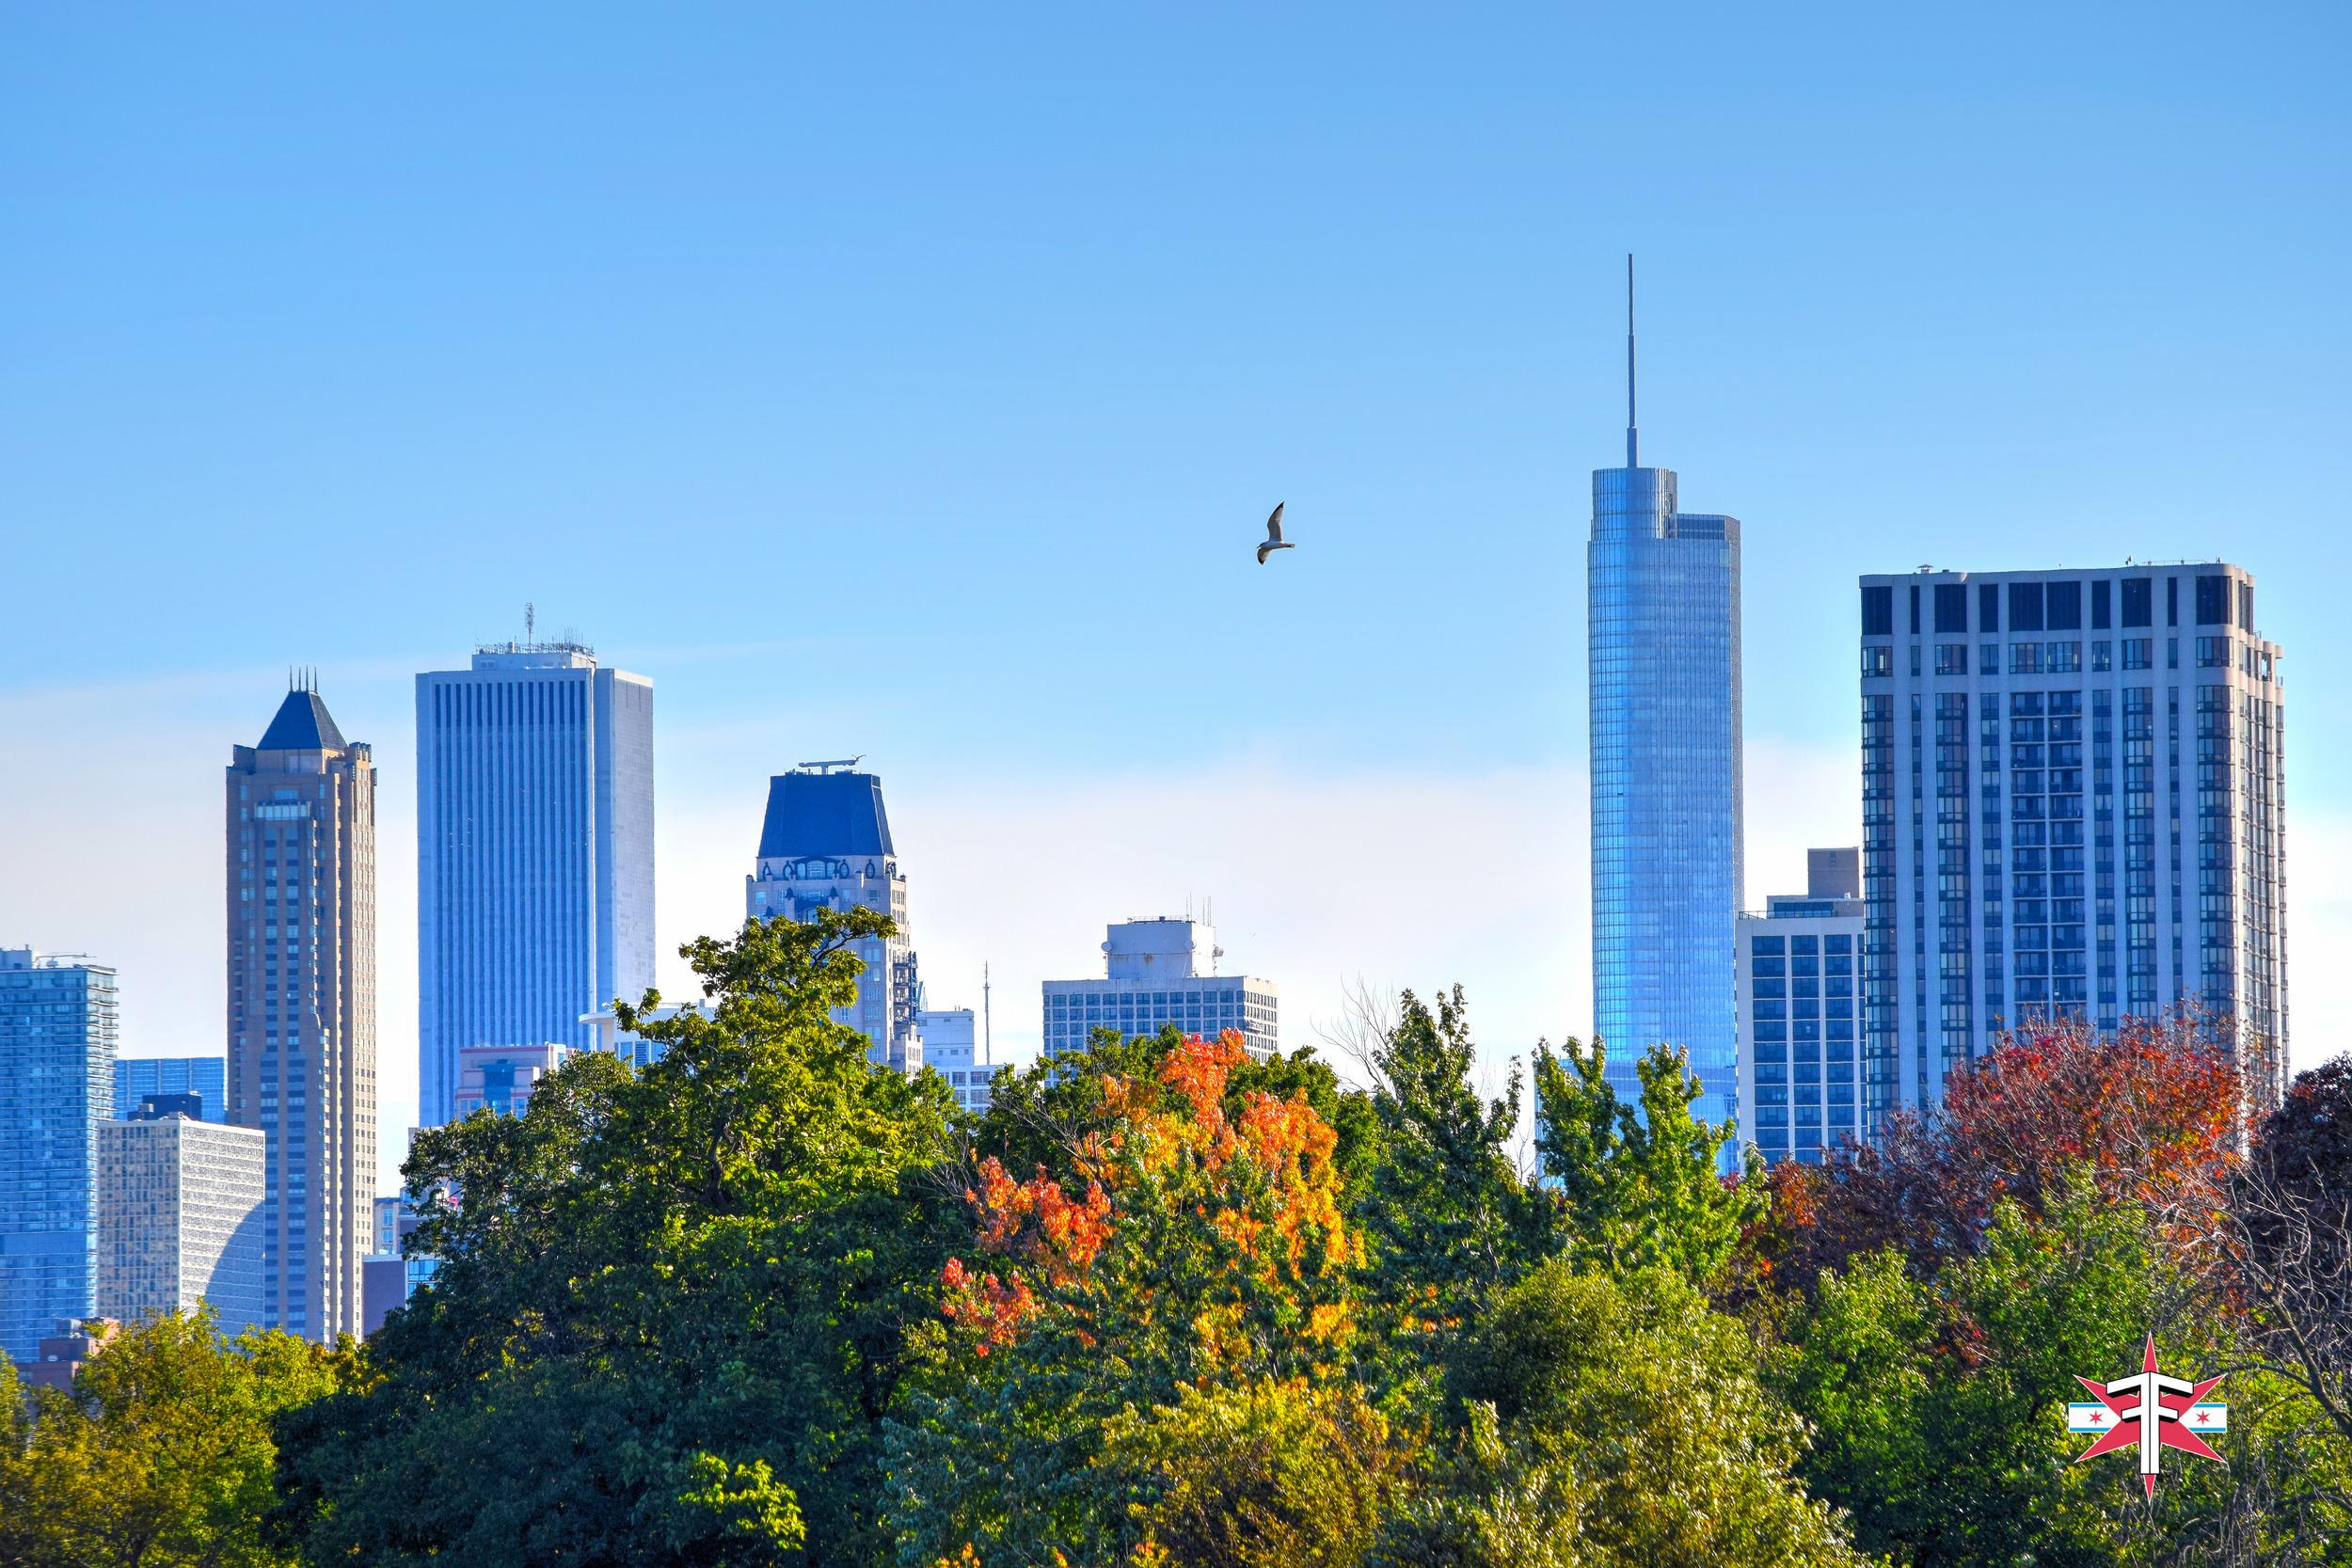 chicago art architecture eric formato photography design arquitectura architettura buildings skyscraper skyscrapers-31.jpg